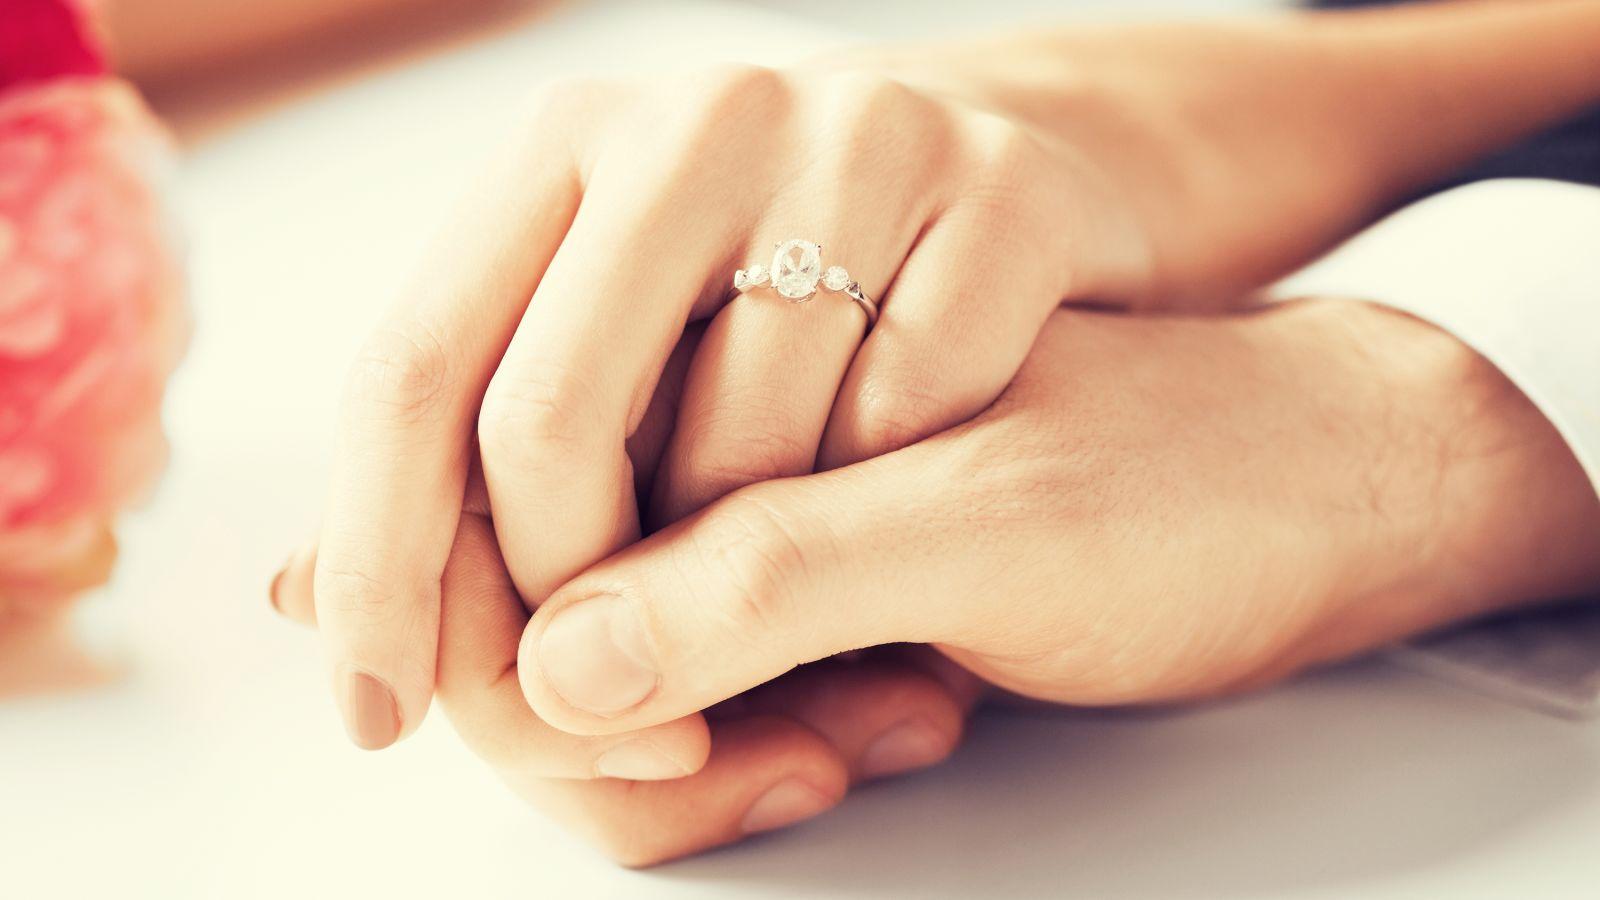 صوره كيف تعرف انك تحب , طرق اختبار اذا كنت وقعت فى الحب